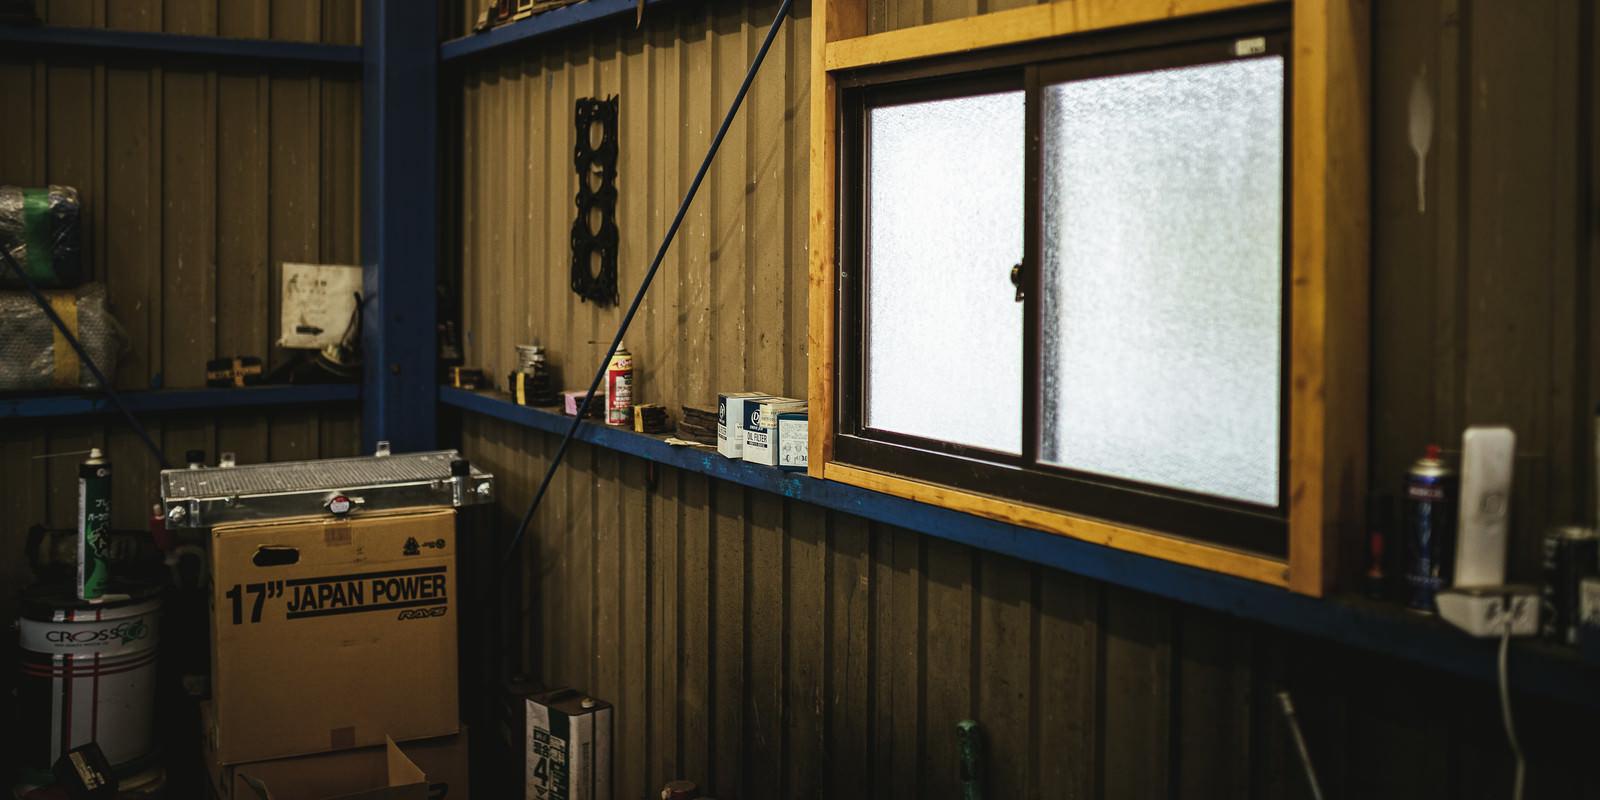 「工場の窓際に置かれた備品」の写真